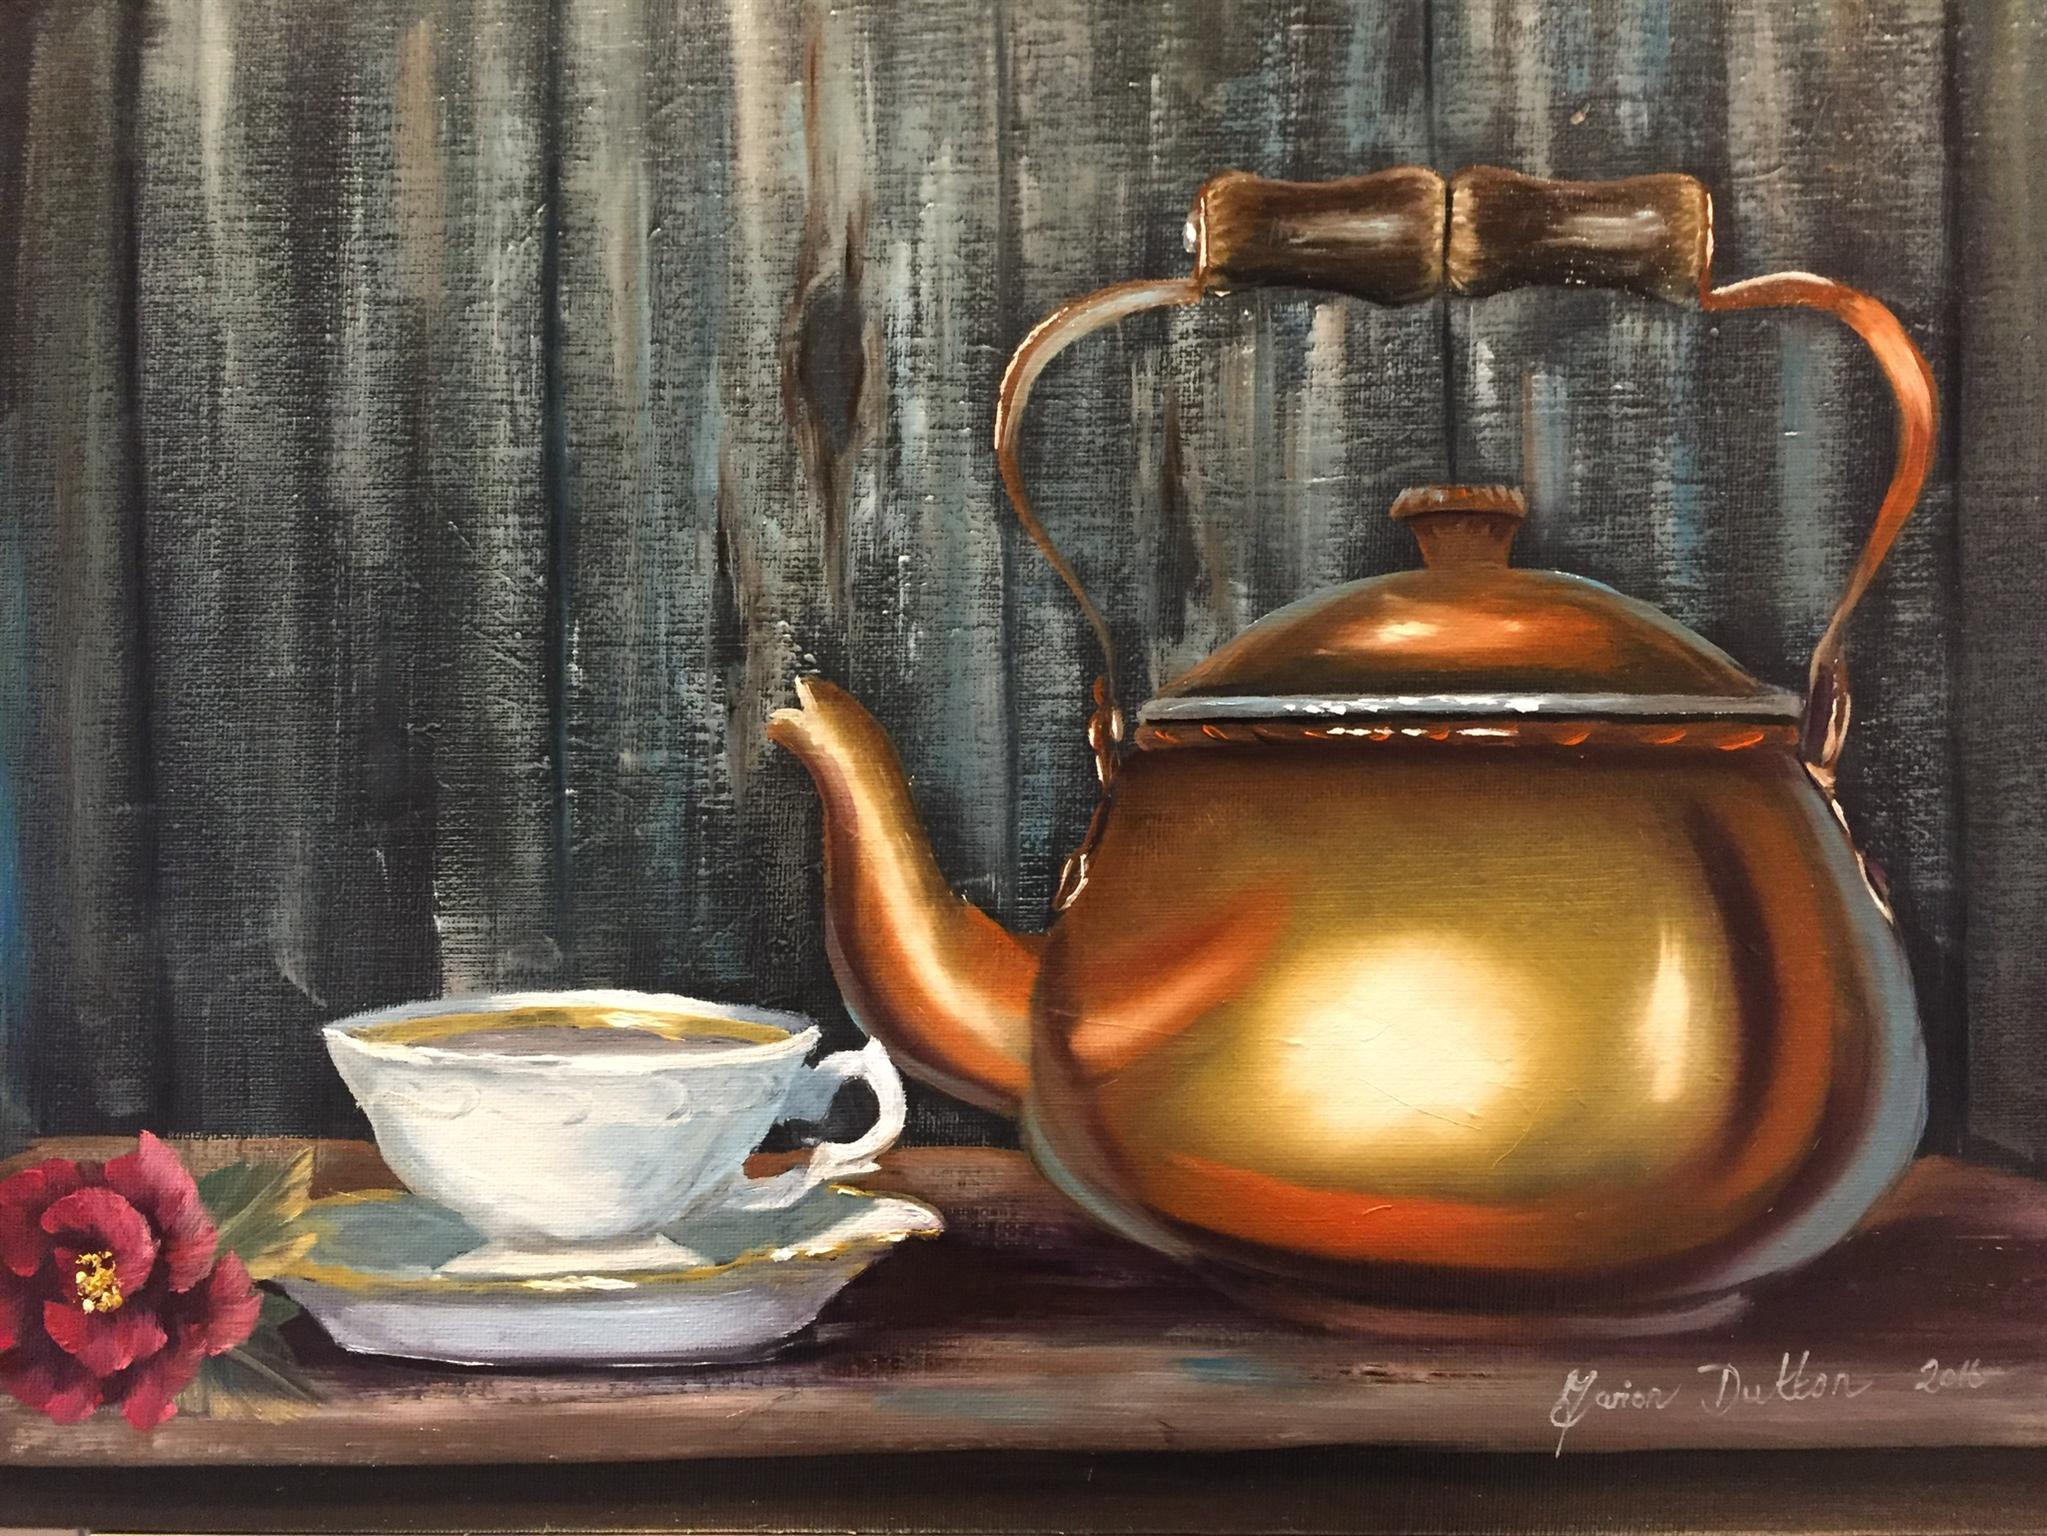 The Copper Kettle - Oils Marion Dutton.png